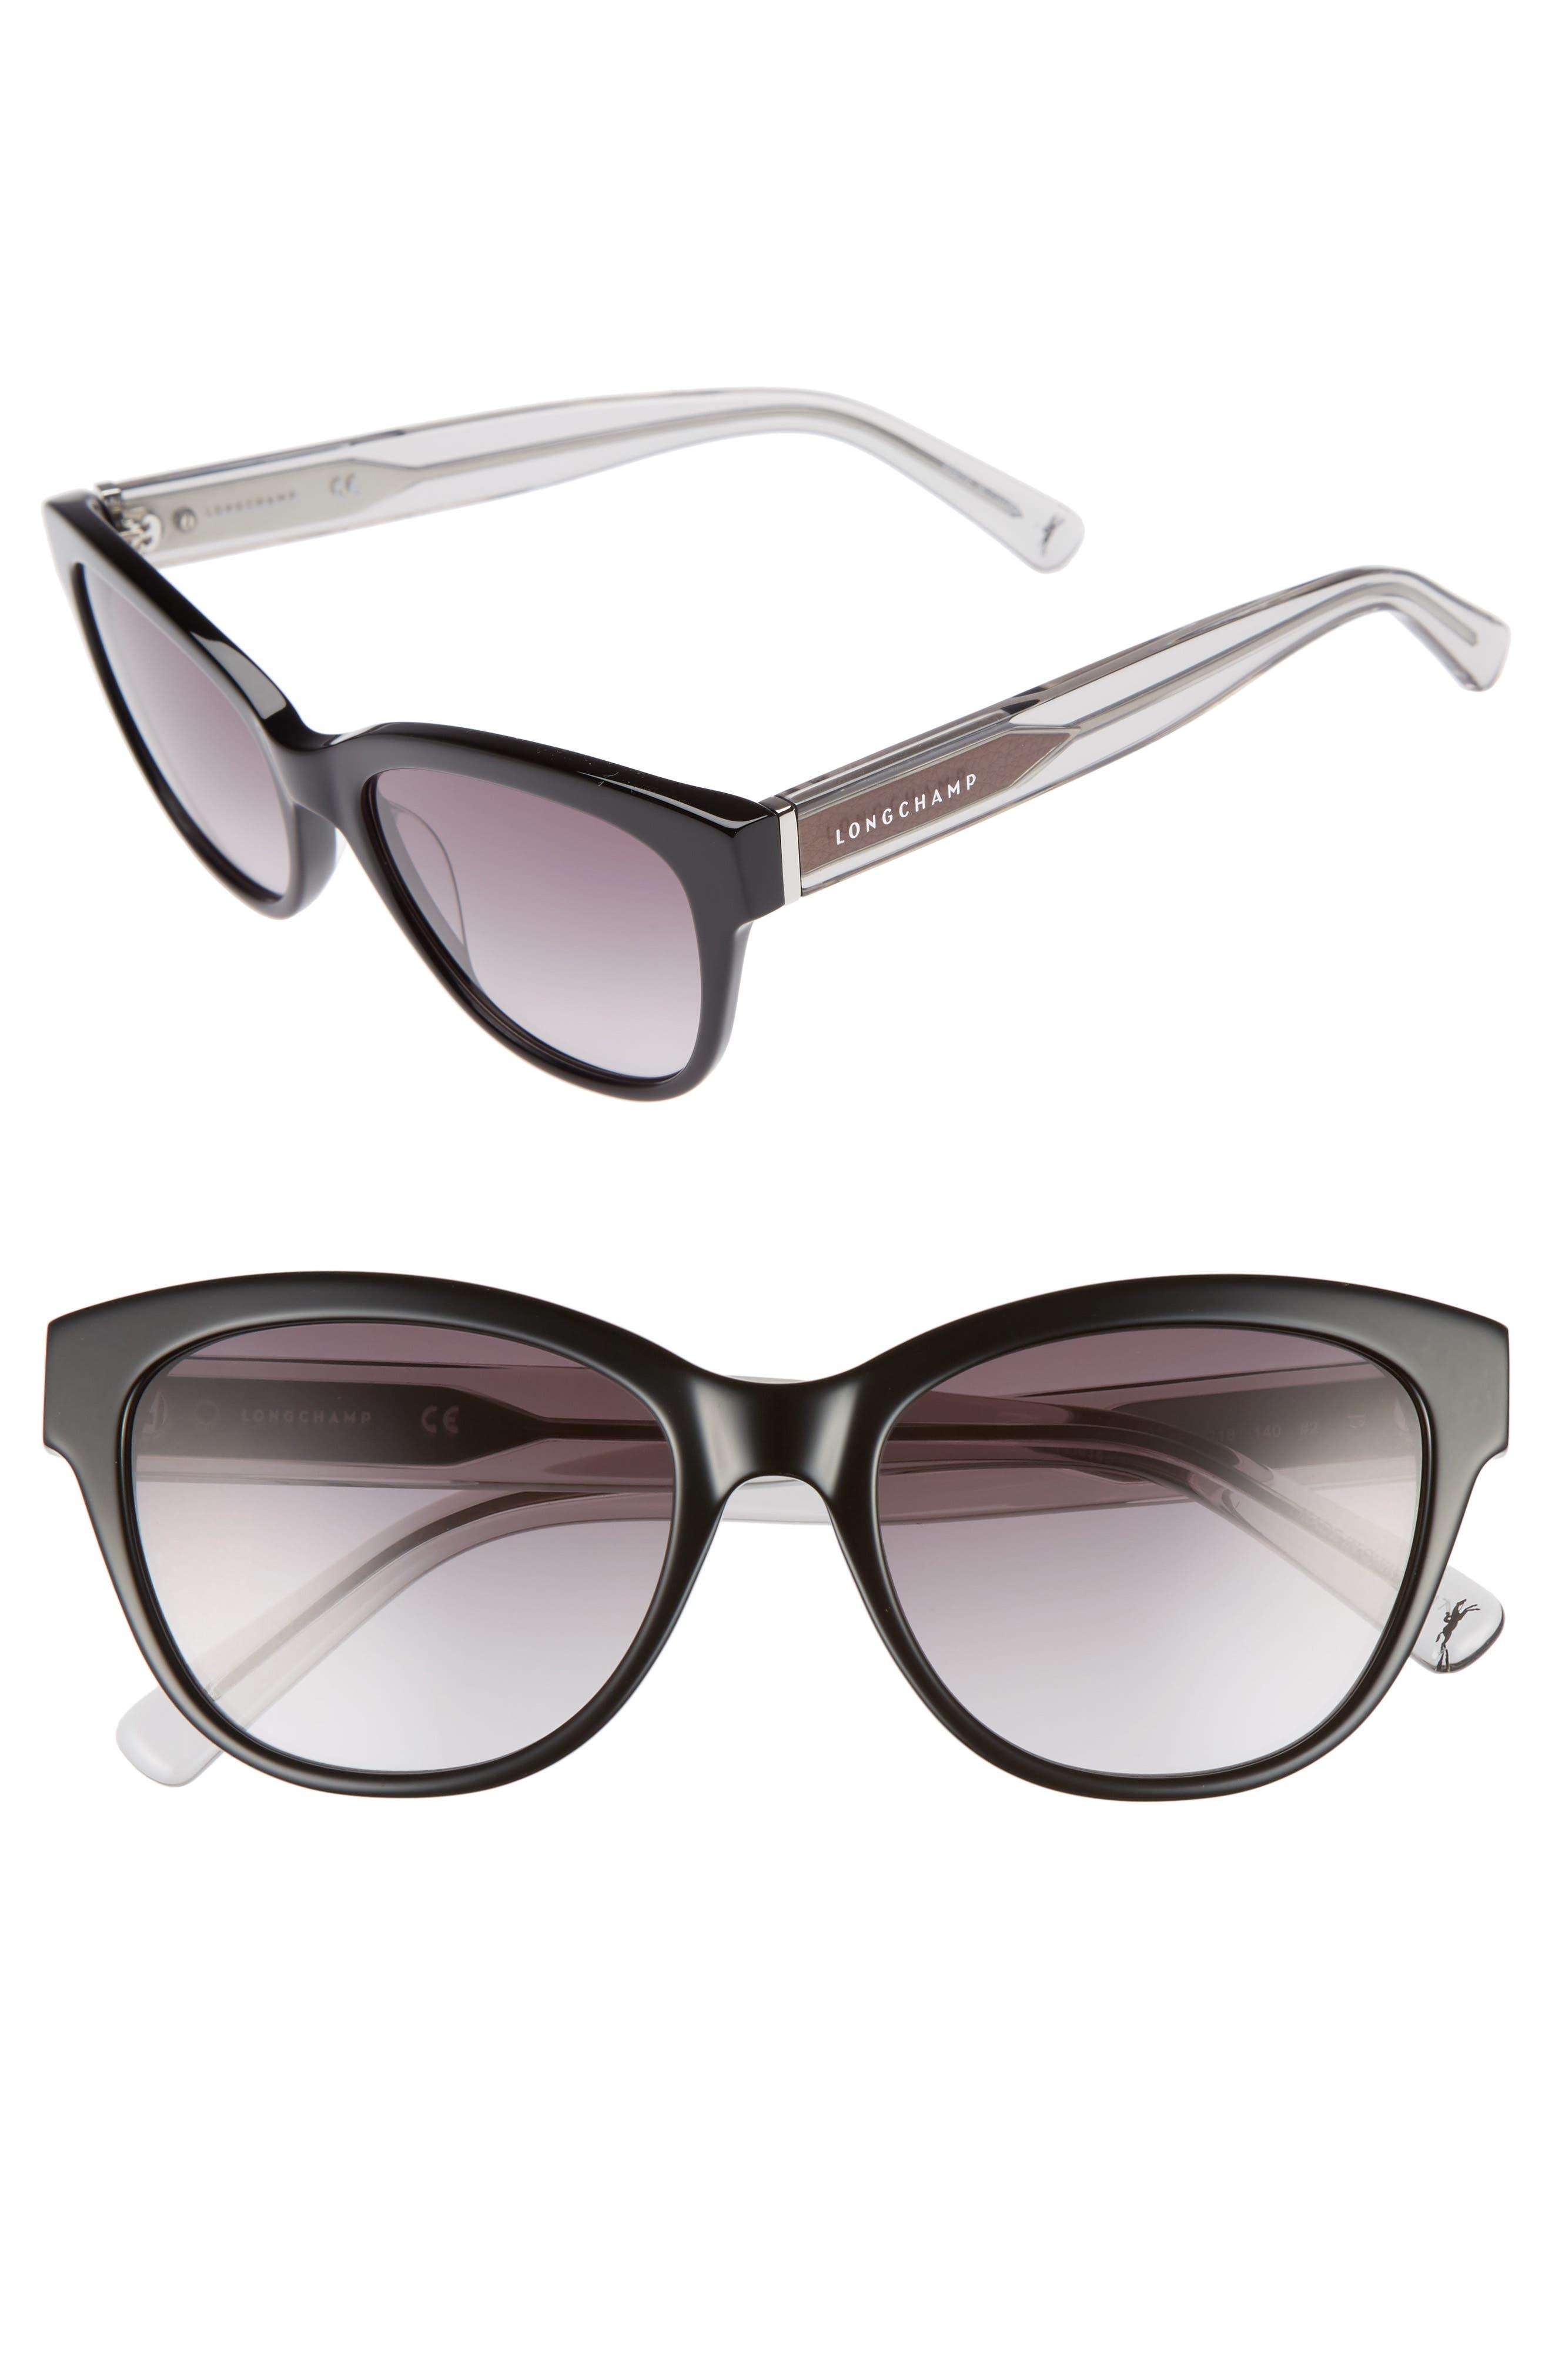 54mm Gradient Lens Sunglasses,                             Main thumbnail 1, color,                             Black